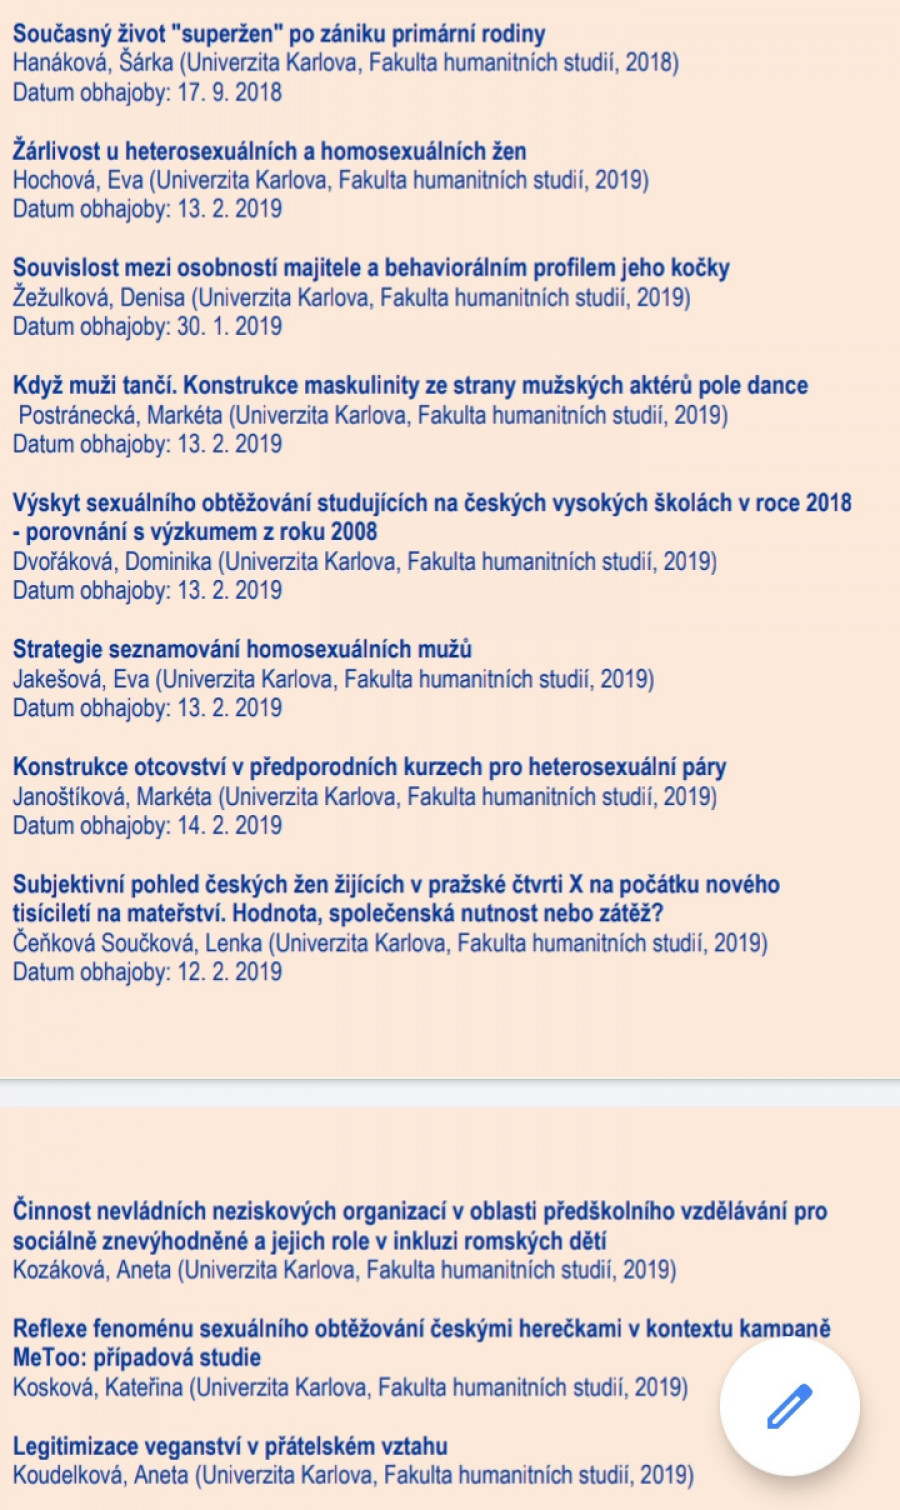 Screenshot e-mailu